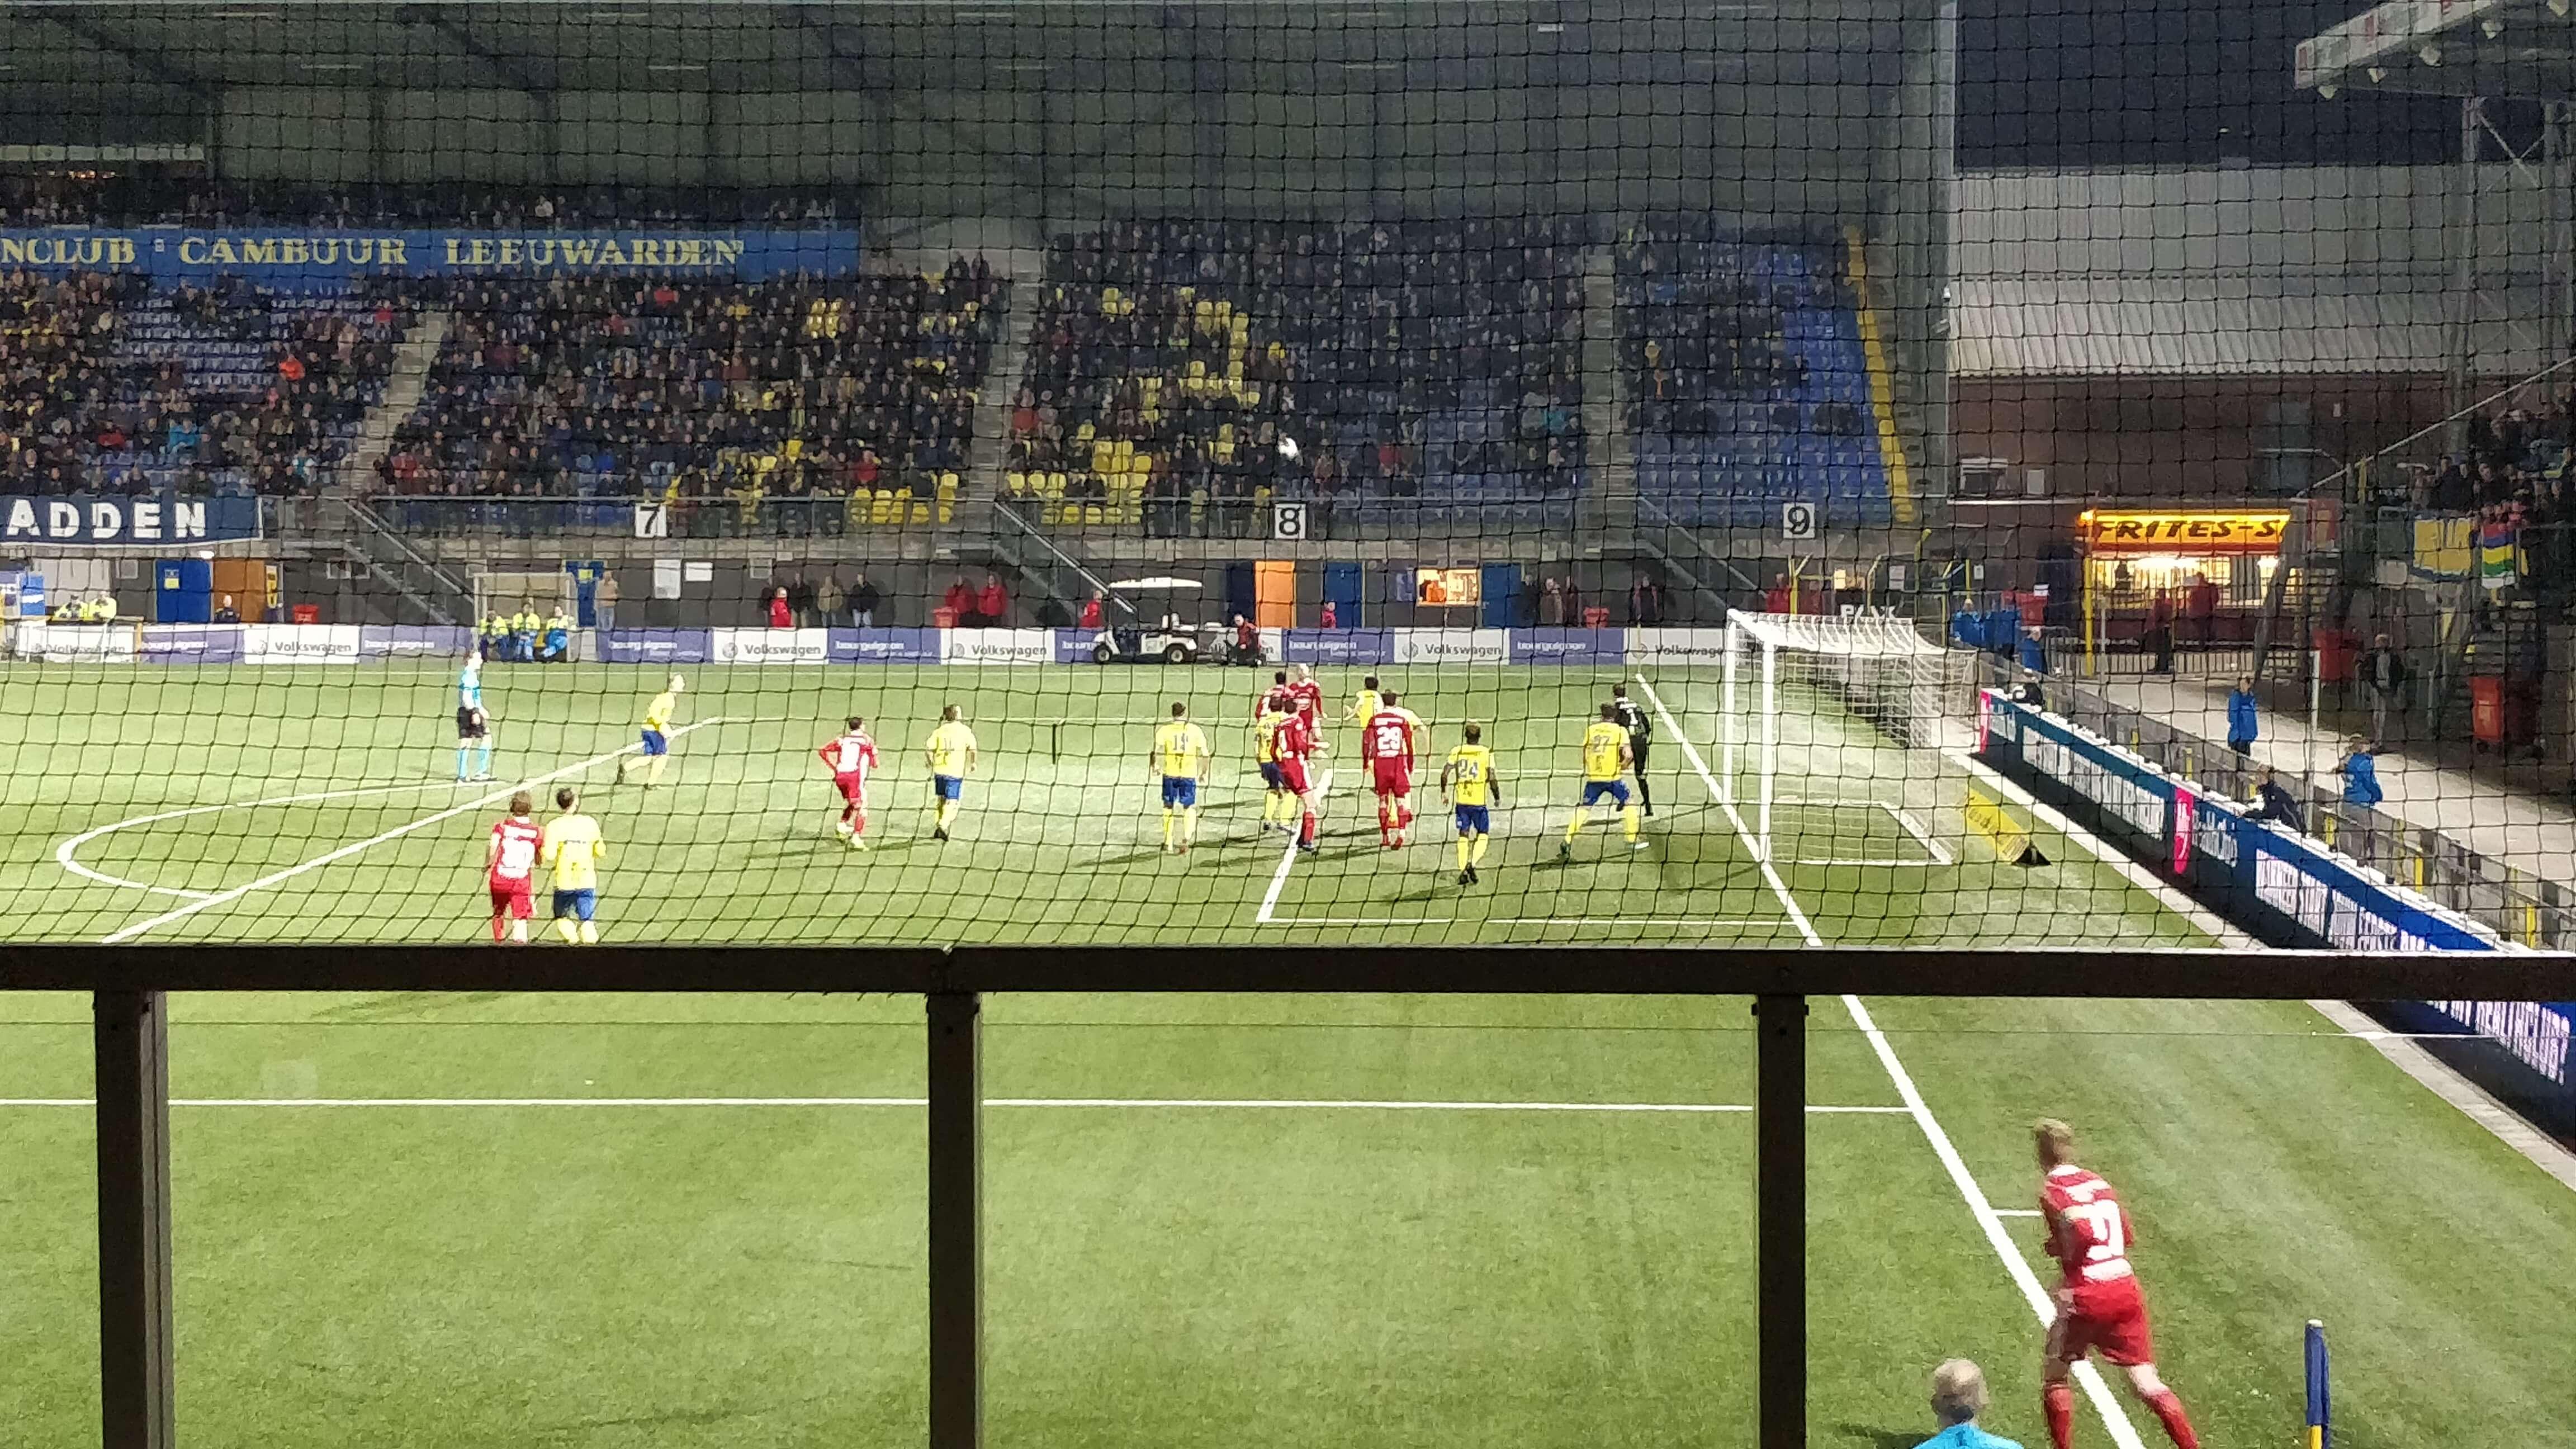 Voorbeschouwing: Almere City FC treft in Leeuwarden koploper Cambuur